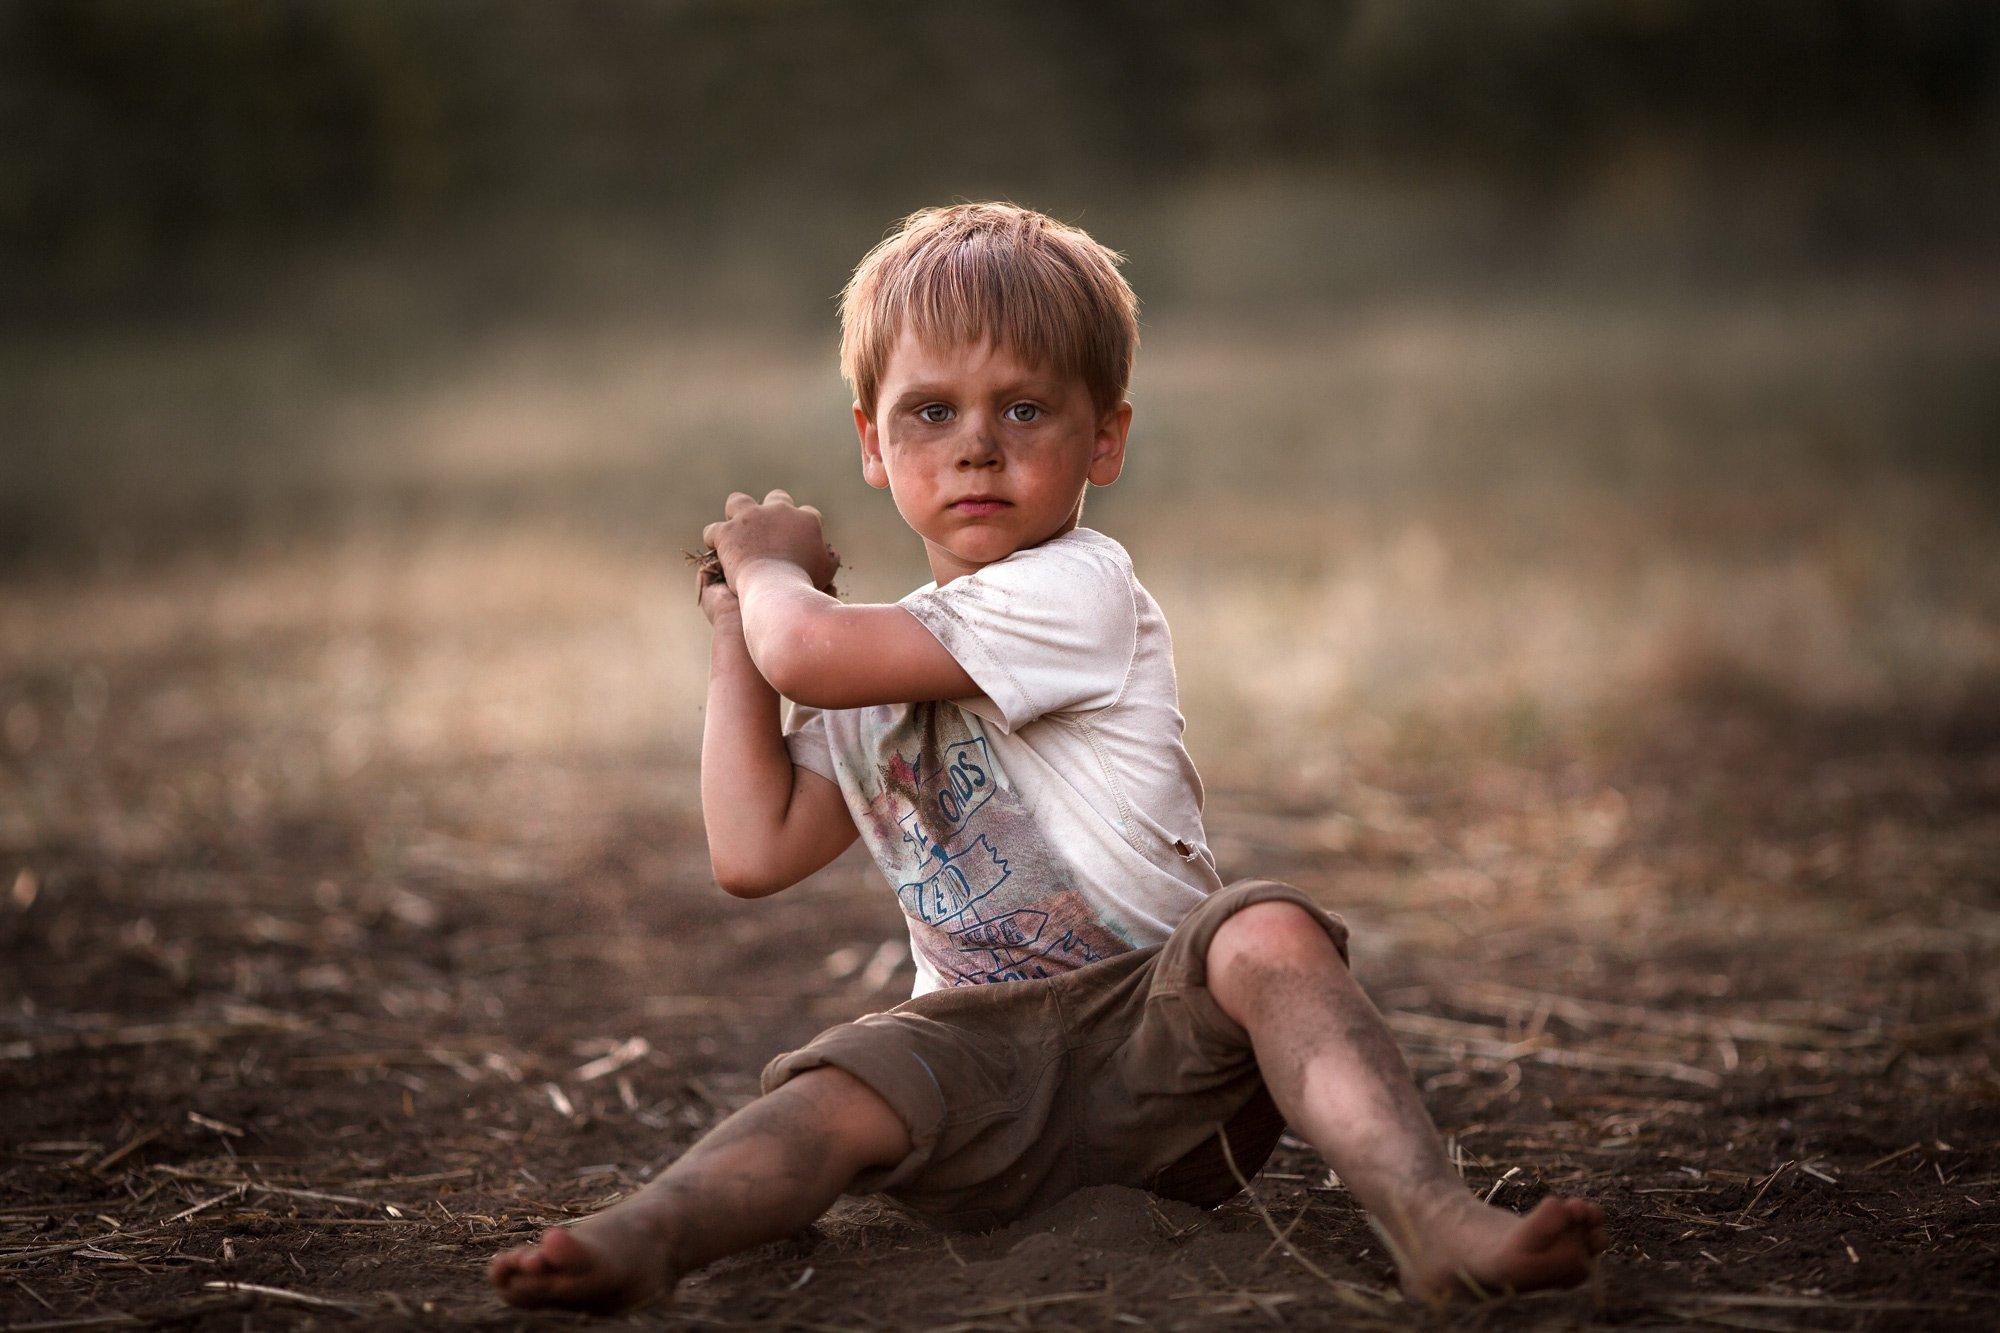 ребенок мальчик поле пыль вечер игра удовольствие забавы 85мм эмоции взгляд портрет, Евгения Брусенцова